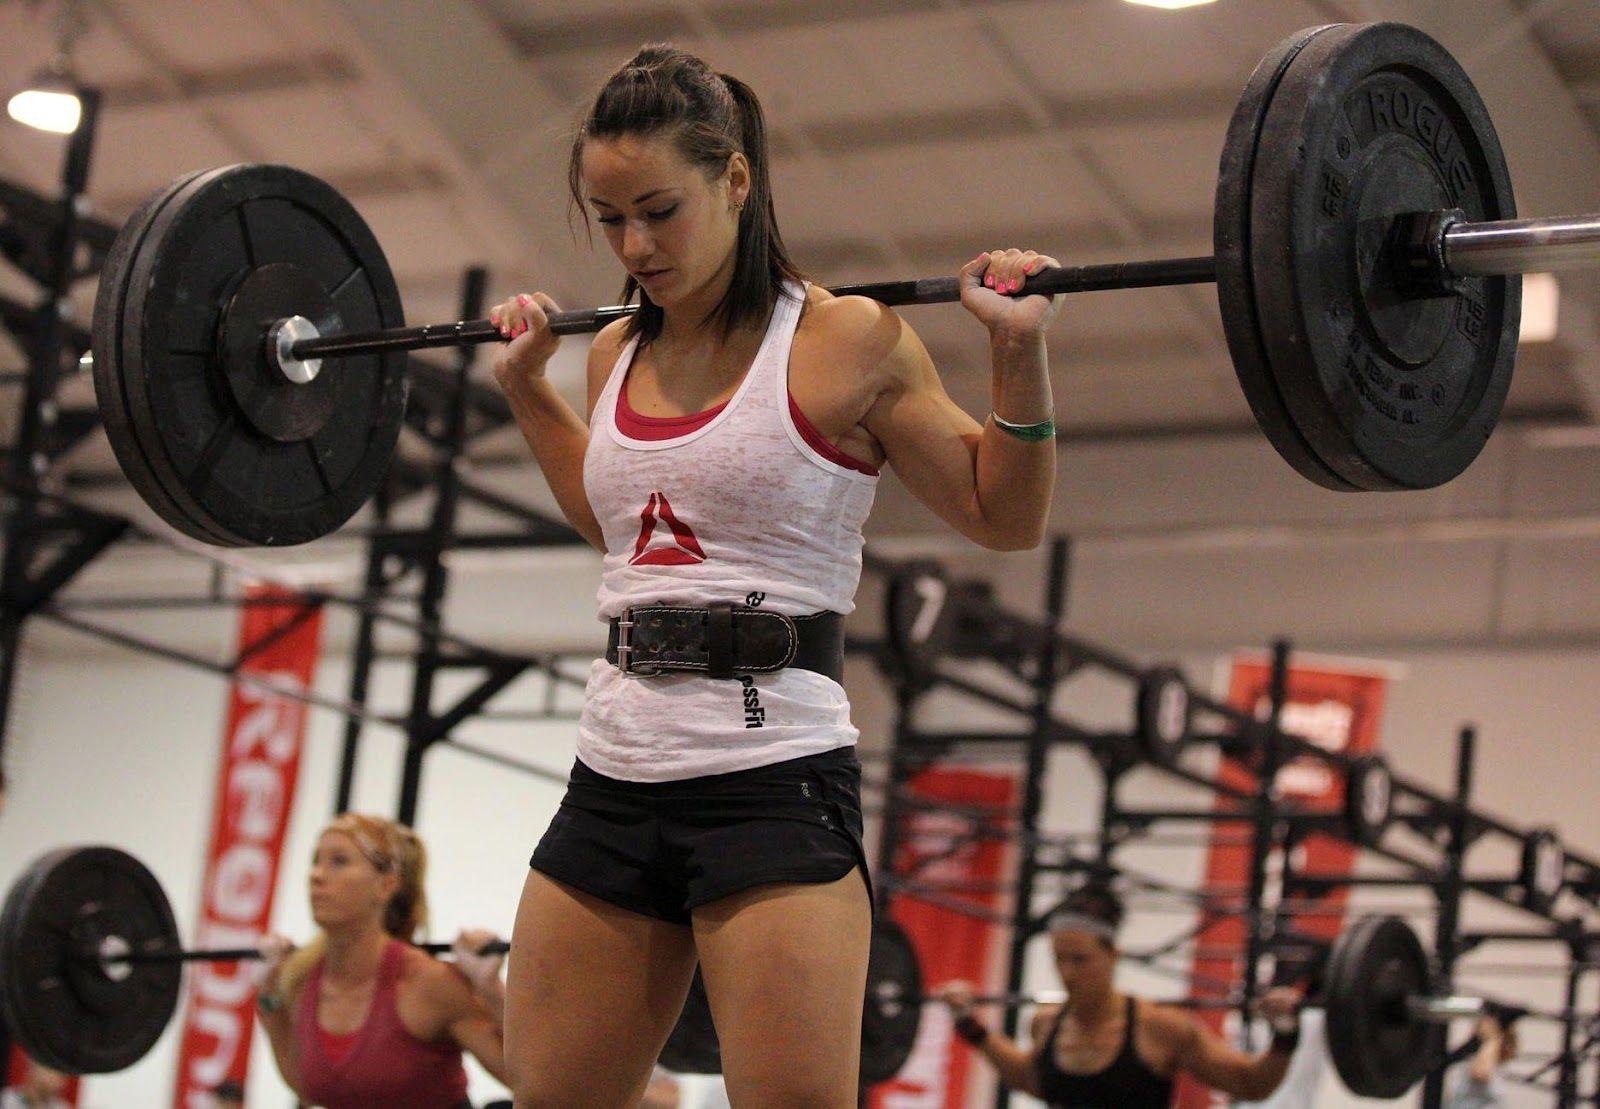 entrenamiento-de-fuerza en el gym